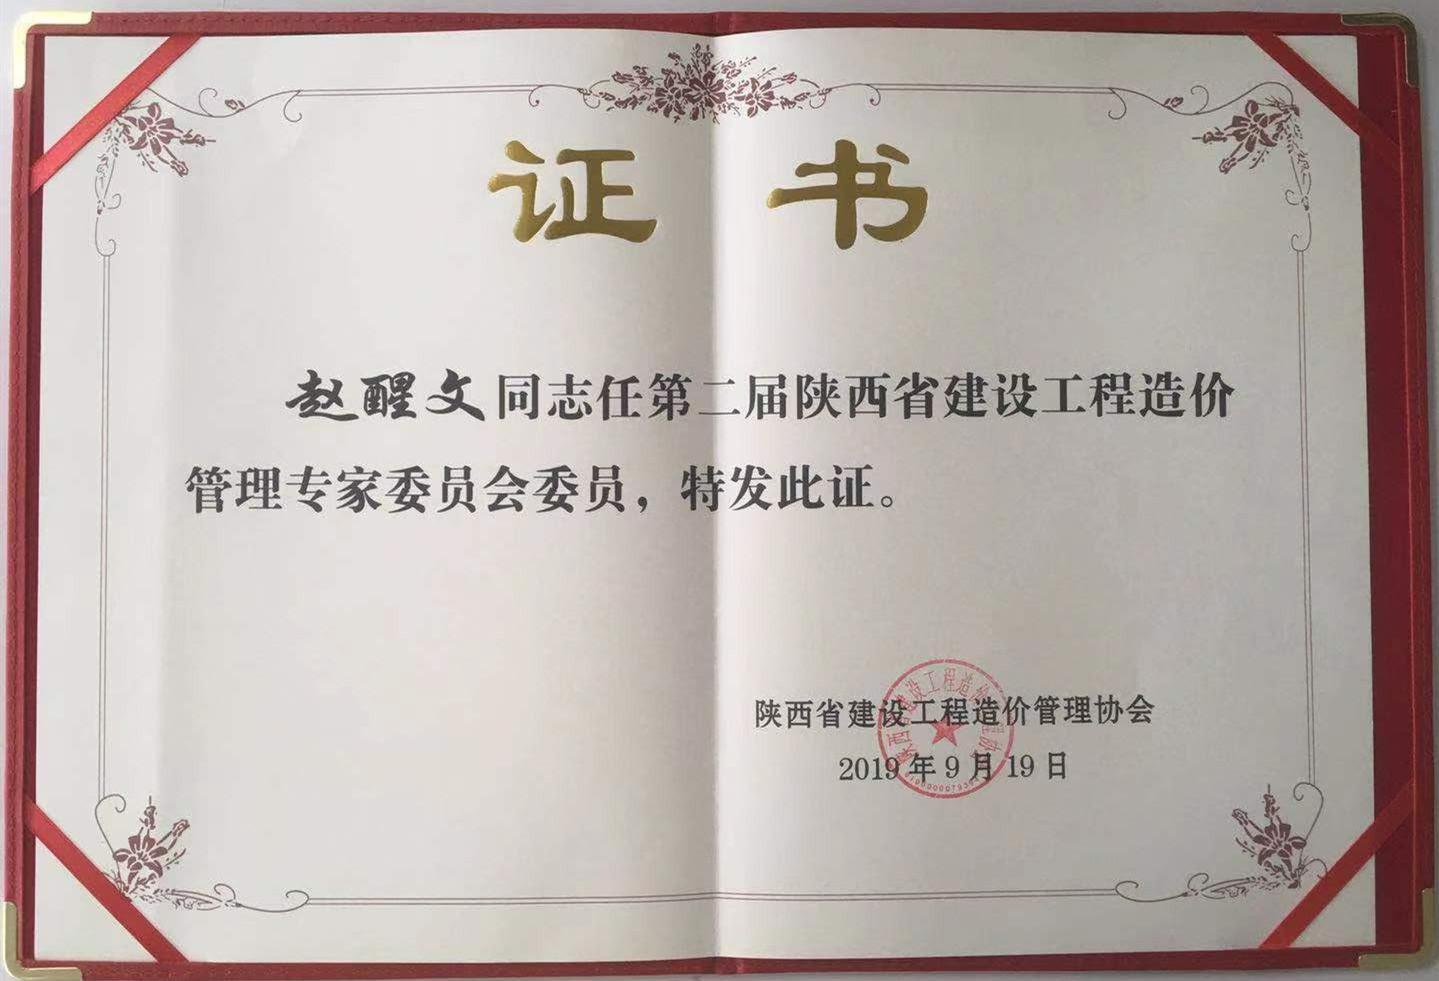 陕西省建设工程造价管理专家委员会证书